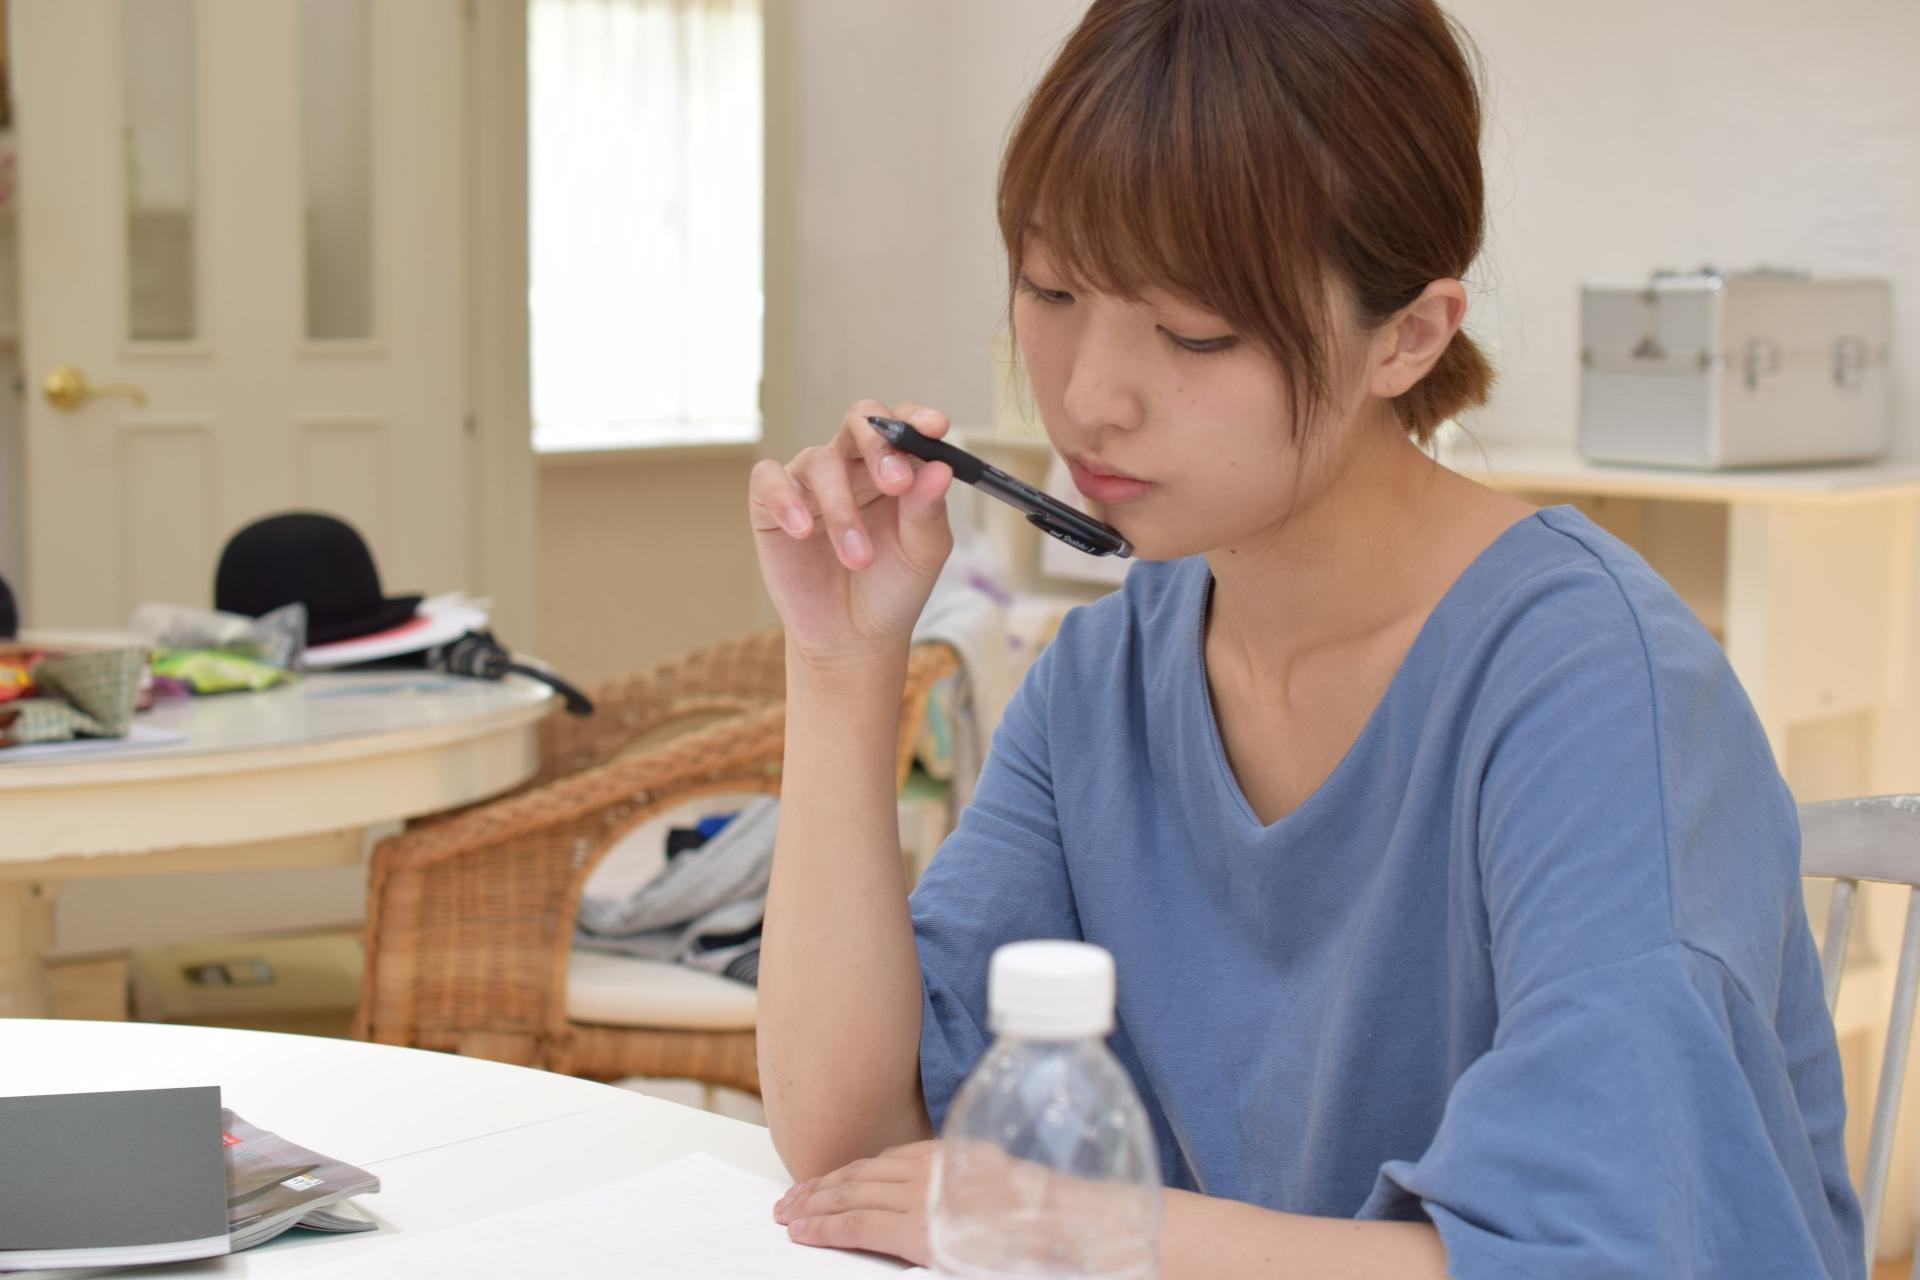 筆記試験5つの就職戦略!SPIを含むテストの種類と対策法や時間配分